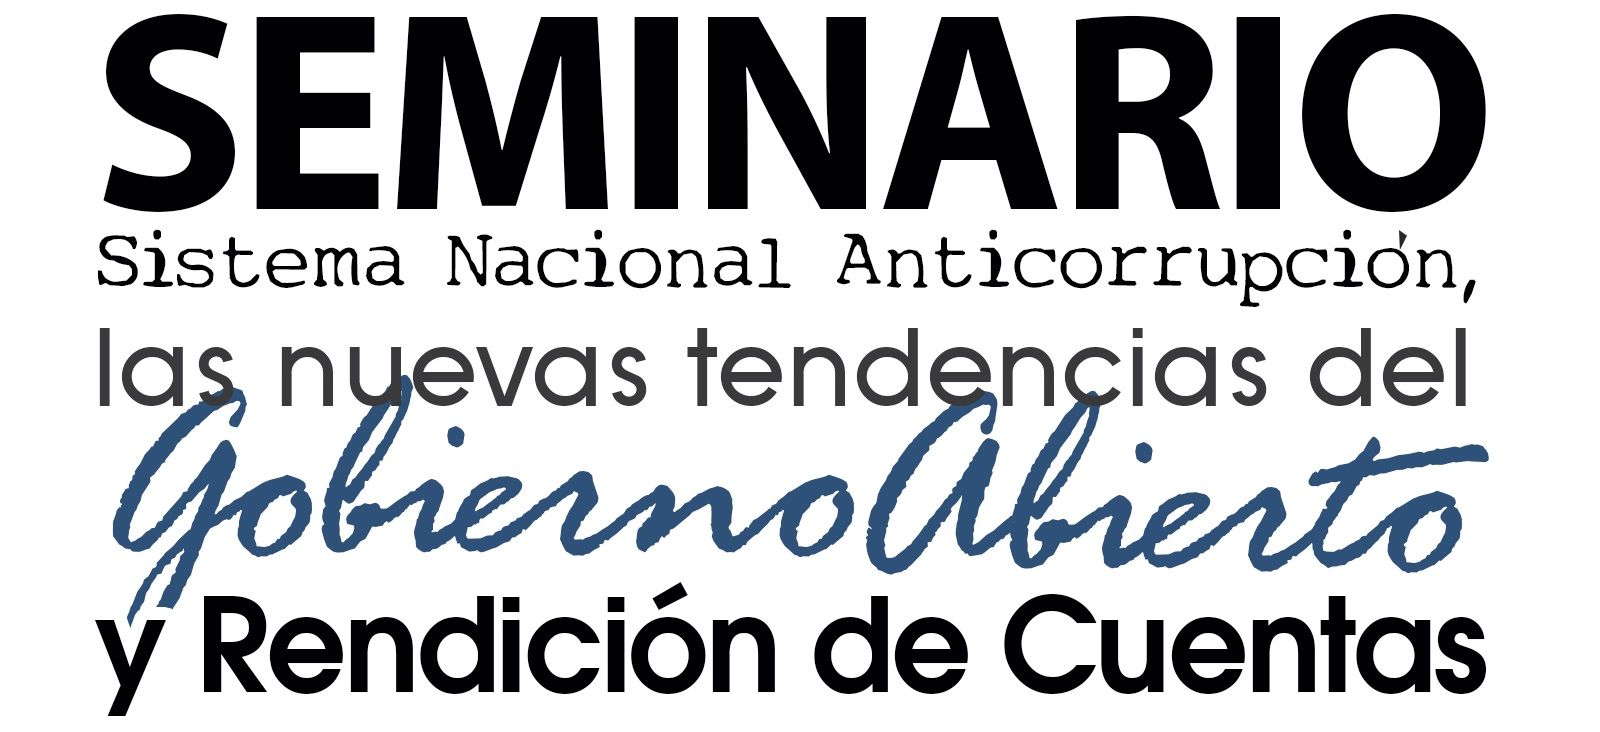 Seminario en Sistema Nacional Anticorrupción, las nuevas tendencias en Gobierno Abierto y Rendición de Cuentas.